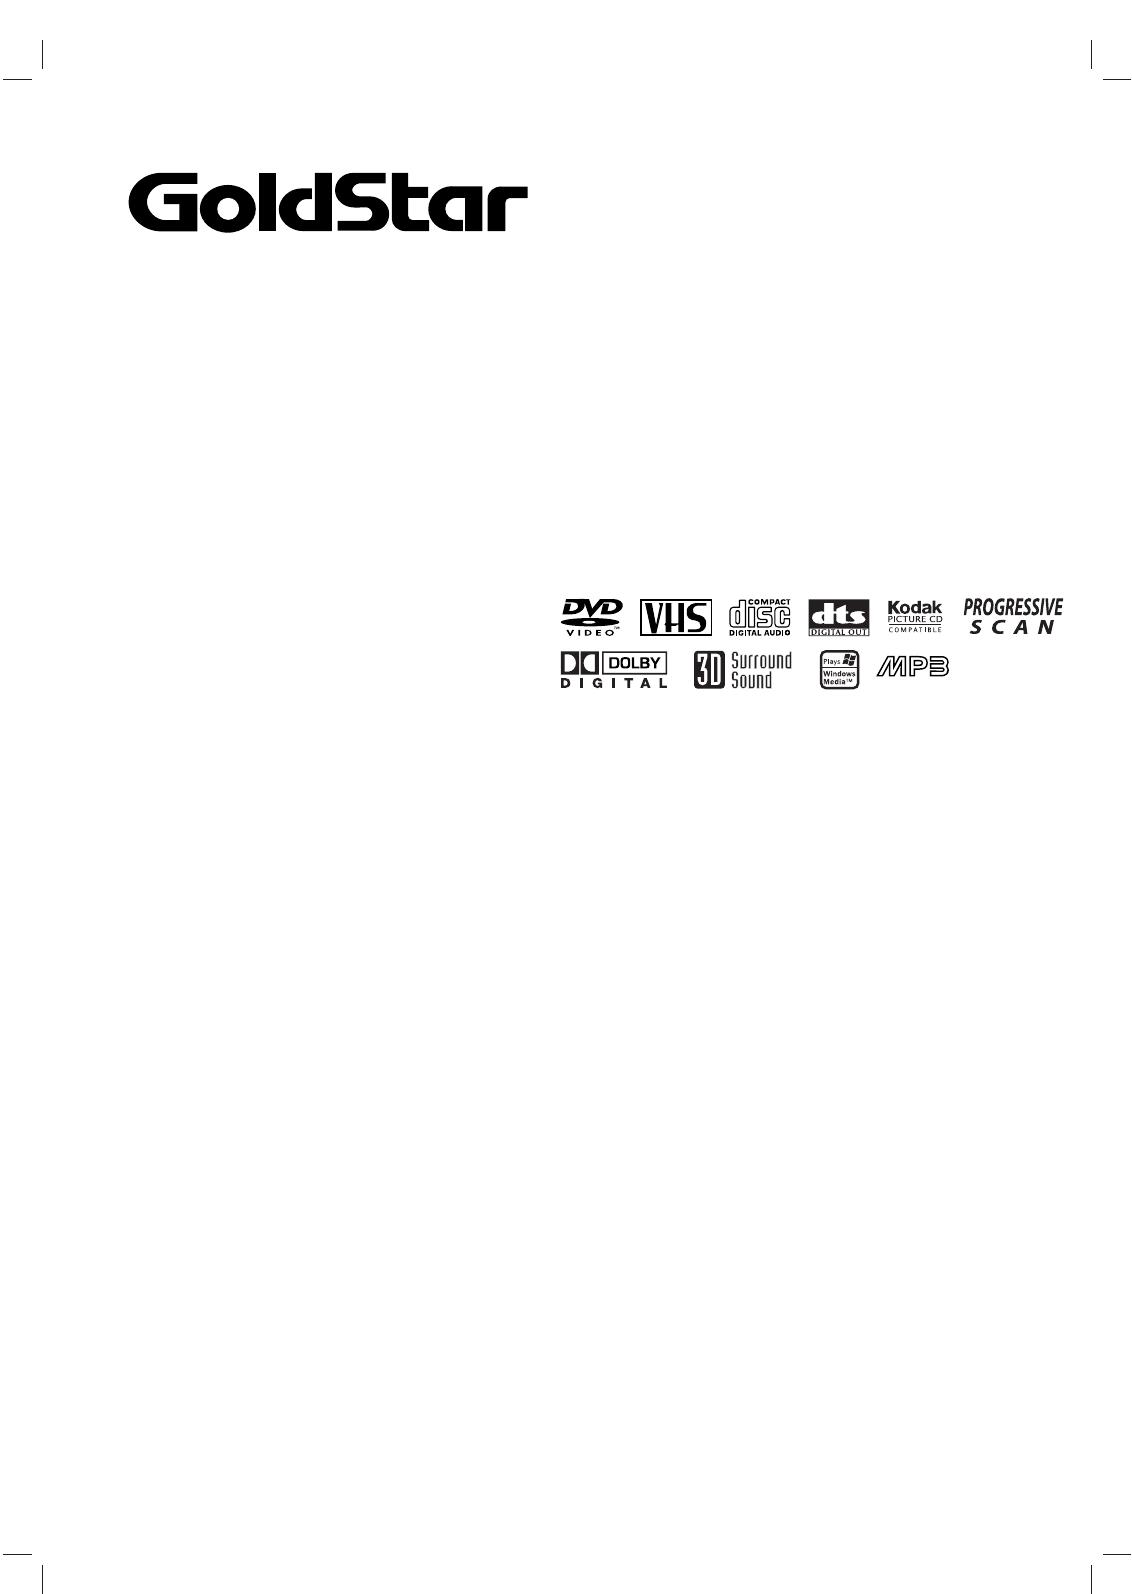 goldstar dvd player gbv441 user guide manualsonline com rh tv manualsonline com goldstar dvd vcr combo manual goldstar tv vcr combo manual